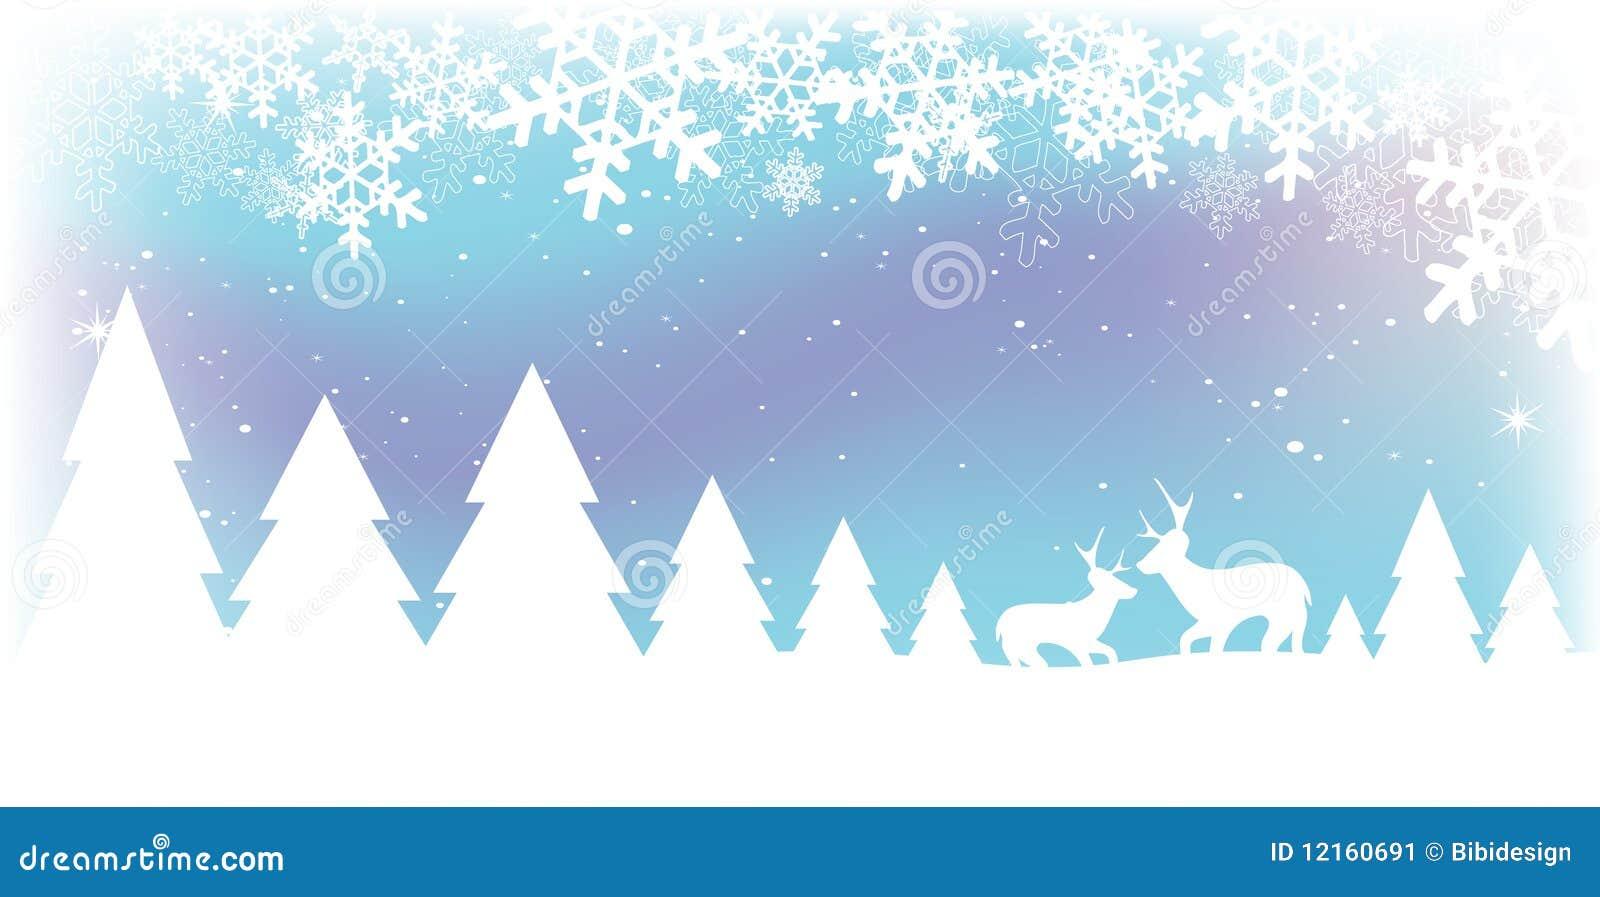 Weihnachtsschnee-Szene vektor abbildung. Illustration von kalt ...